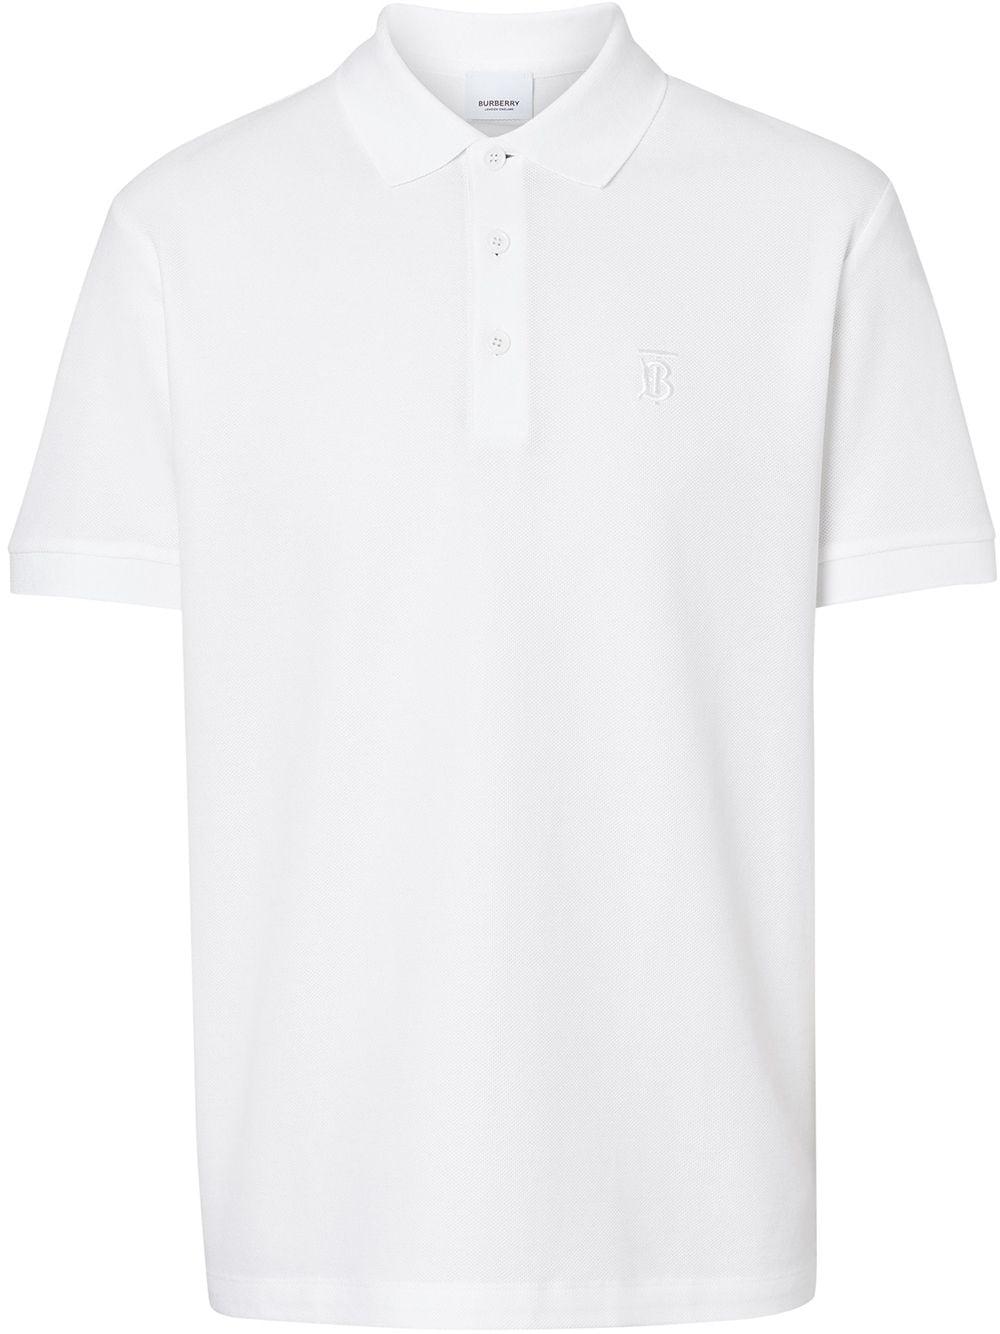 Burberry Poloshirt mit Monogramm - Weiß